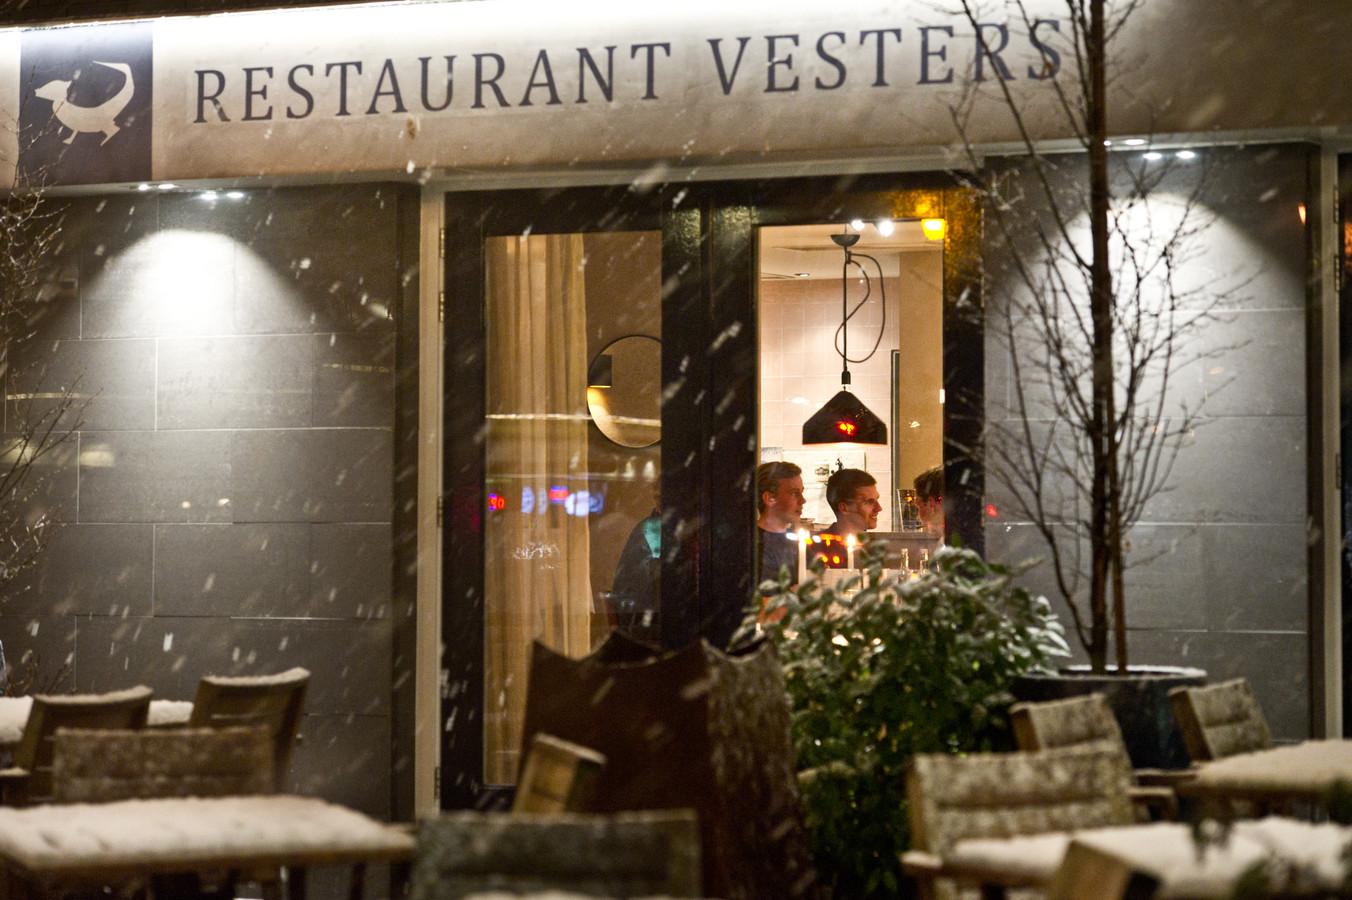 Restaurant Vesters in Nijmegen.